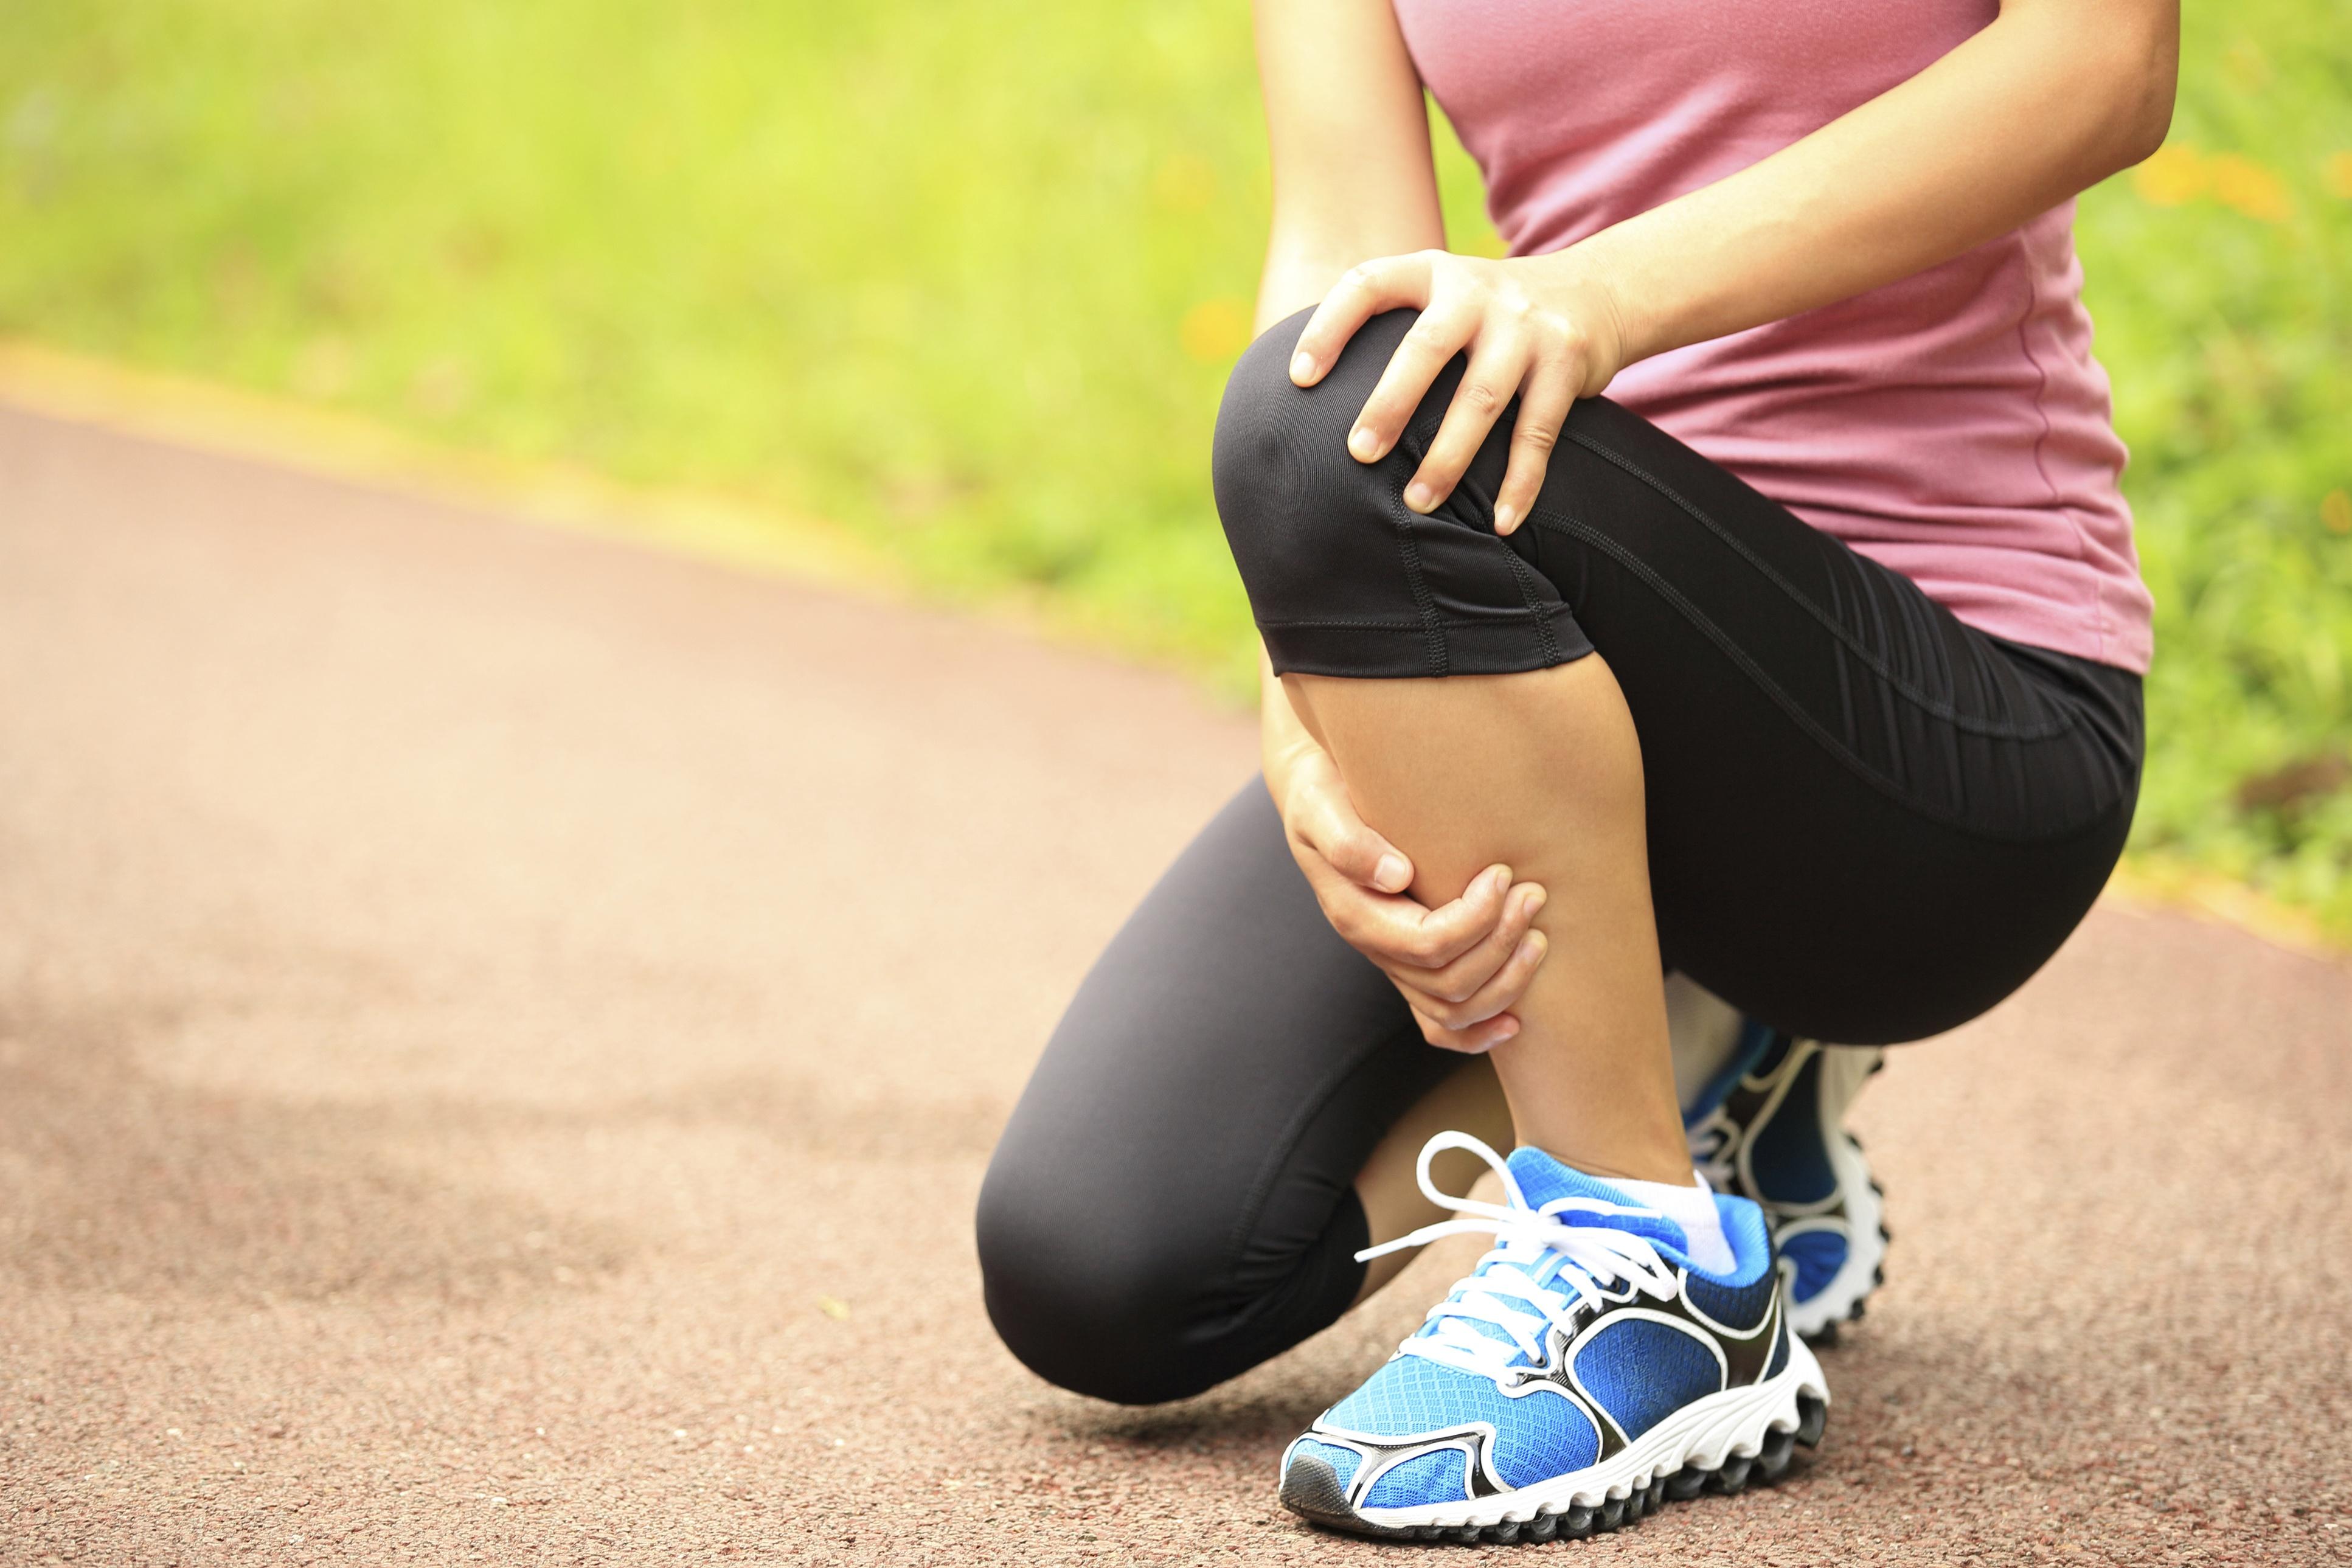 leg_pain